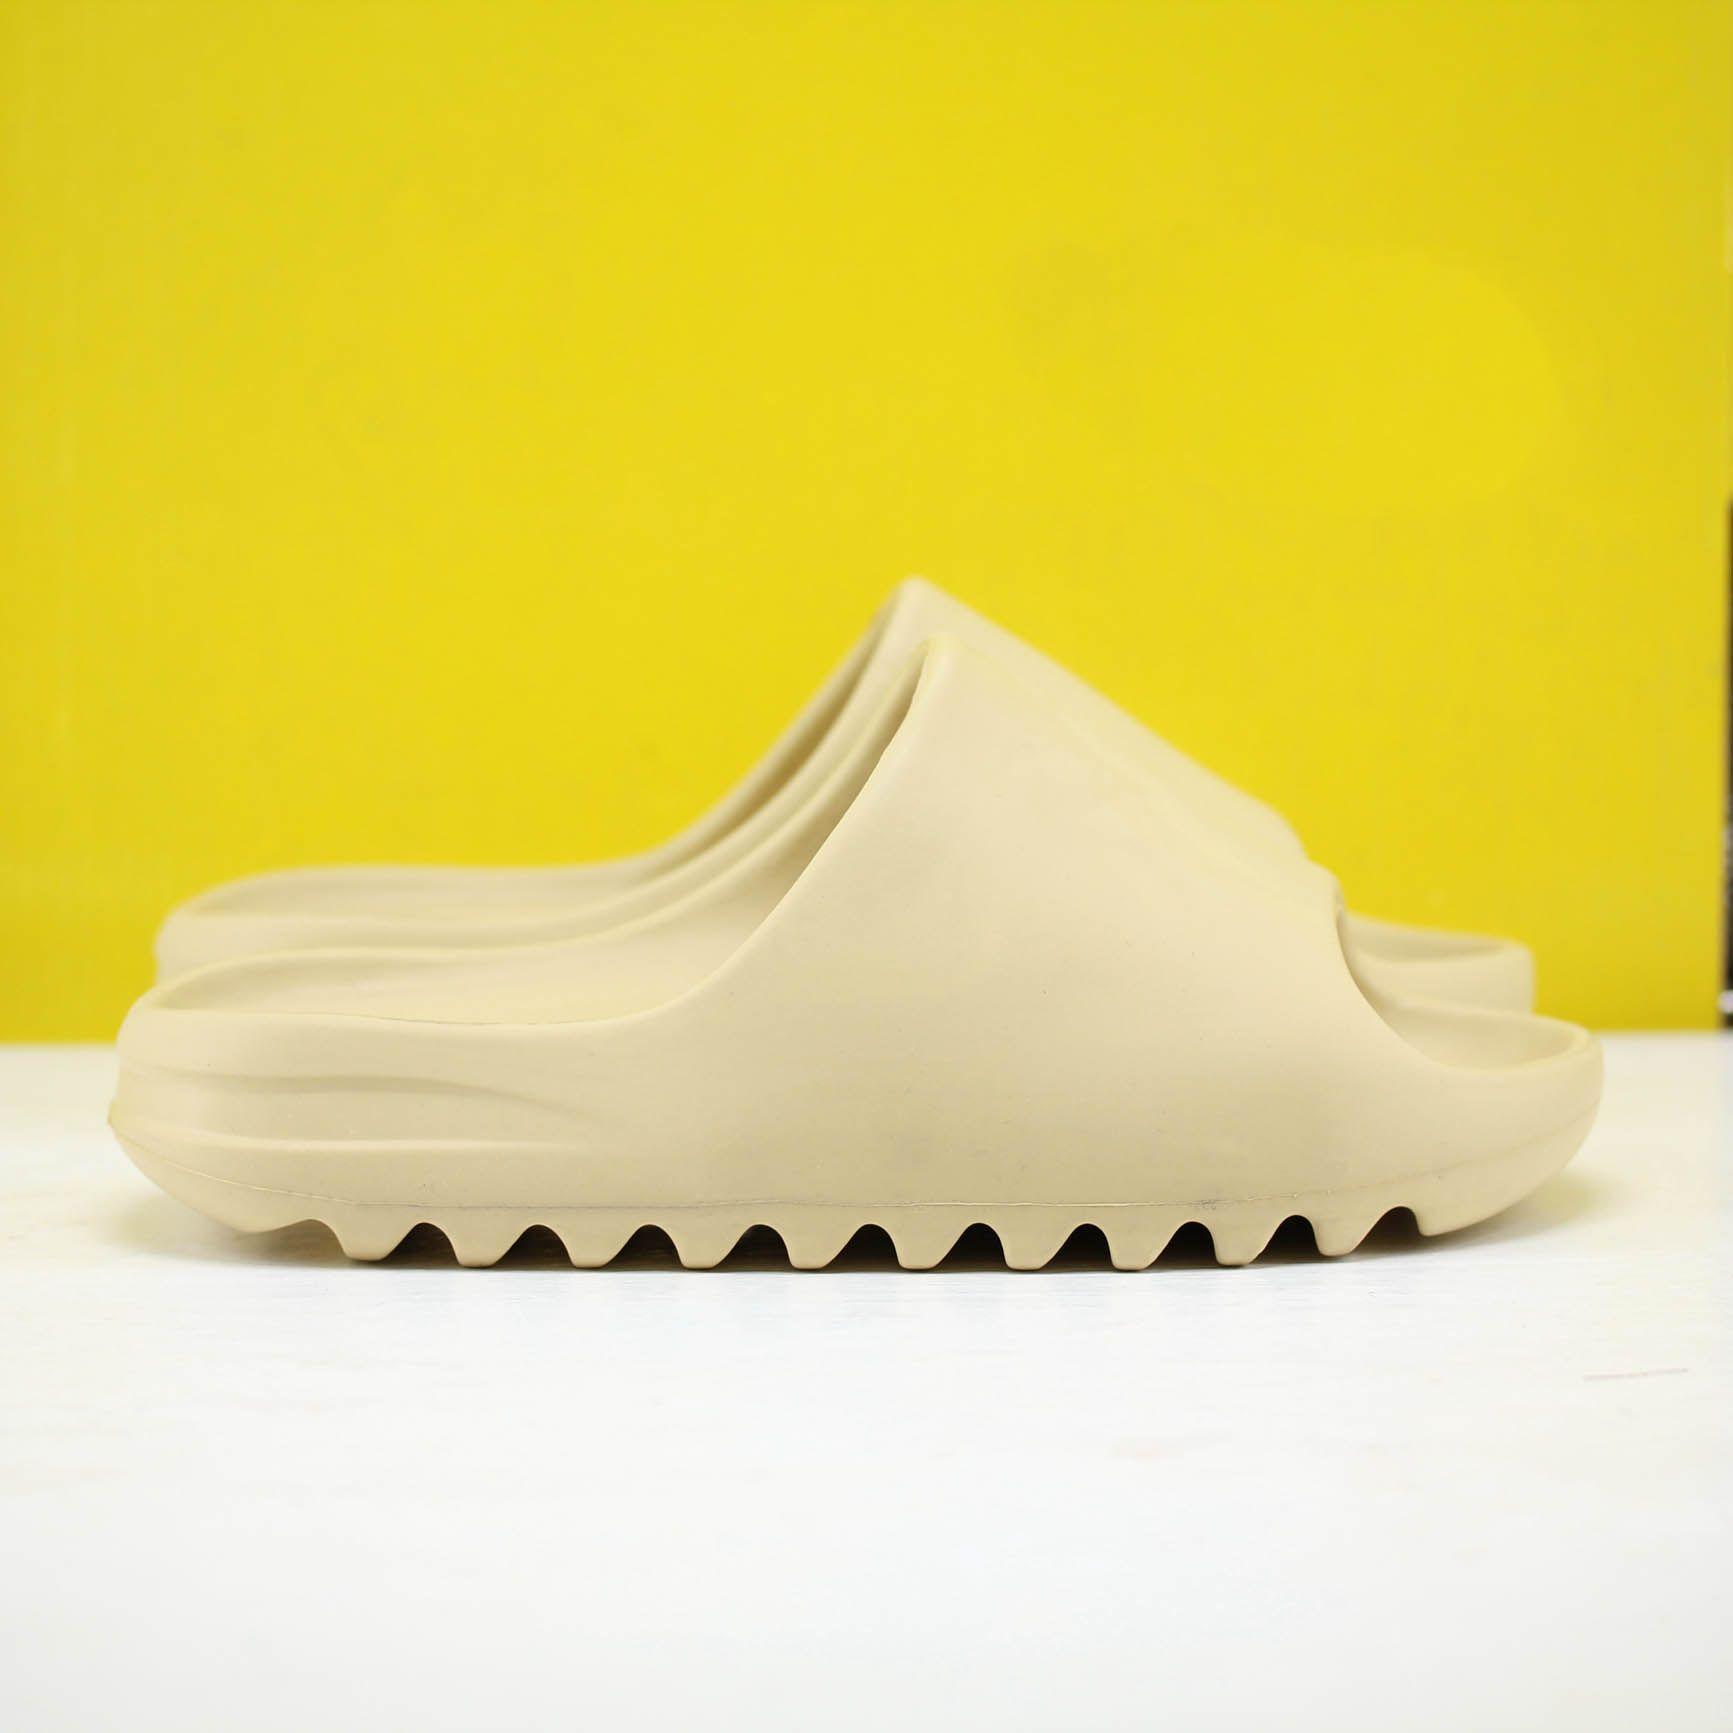 2021 Мужчины Flip Plops Beach Морские тапочки Дизайнерские Обувь Слайды Летняя мода Широкие скользкие толстые сандалии тапочки с коробкой высокого качества